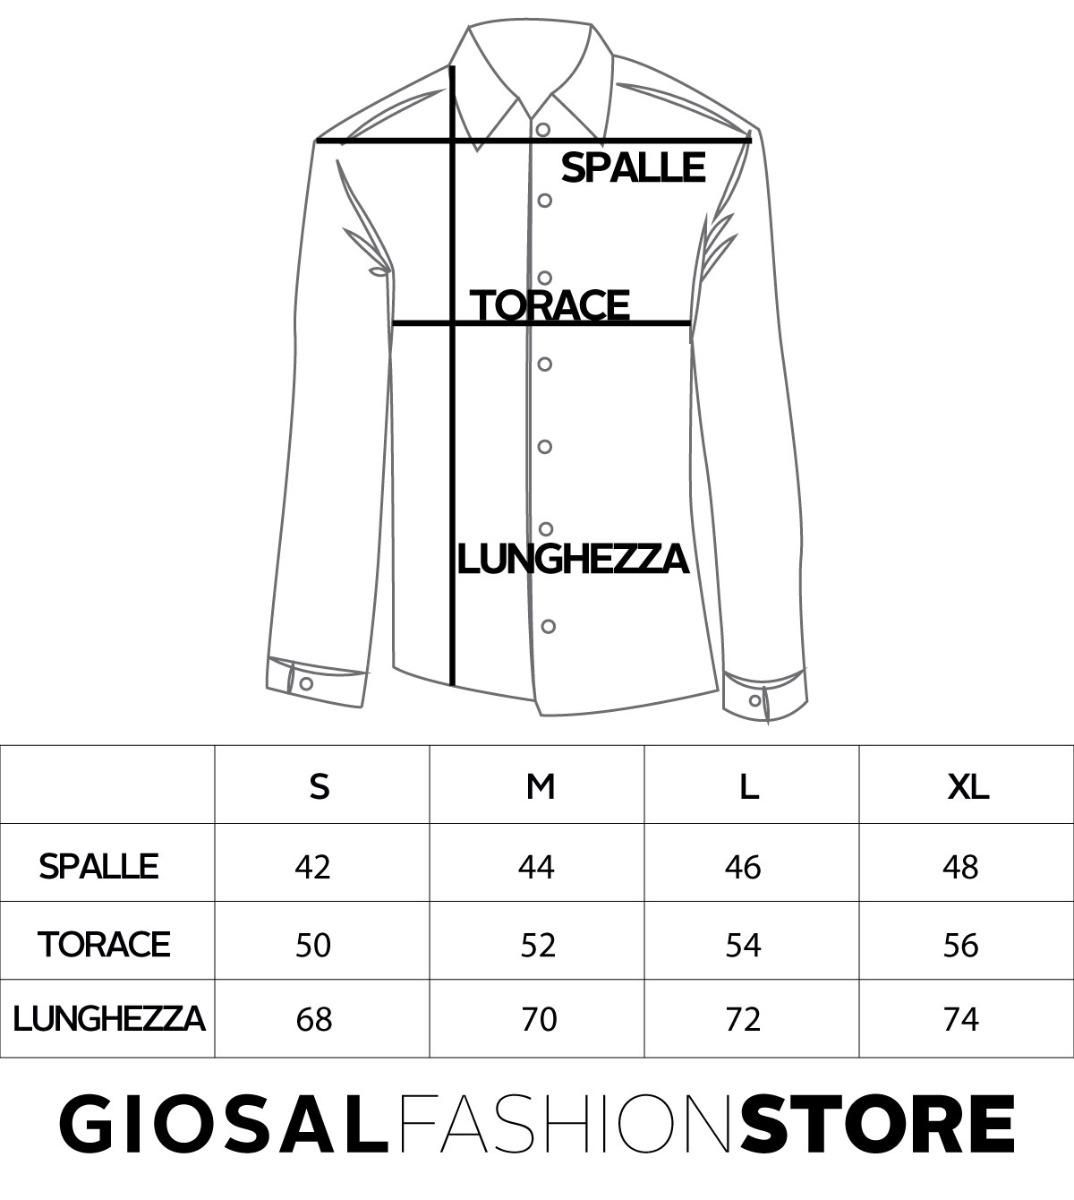 Camicia-Uomo-Lino-Maniche-Lunghe-Colletto-Tinta-Unita-Beige-GIOSAL miniatura 7